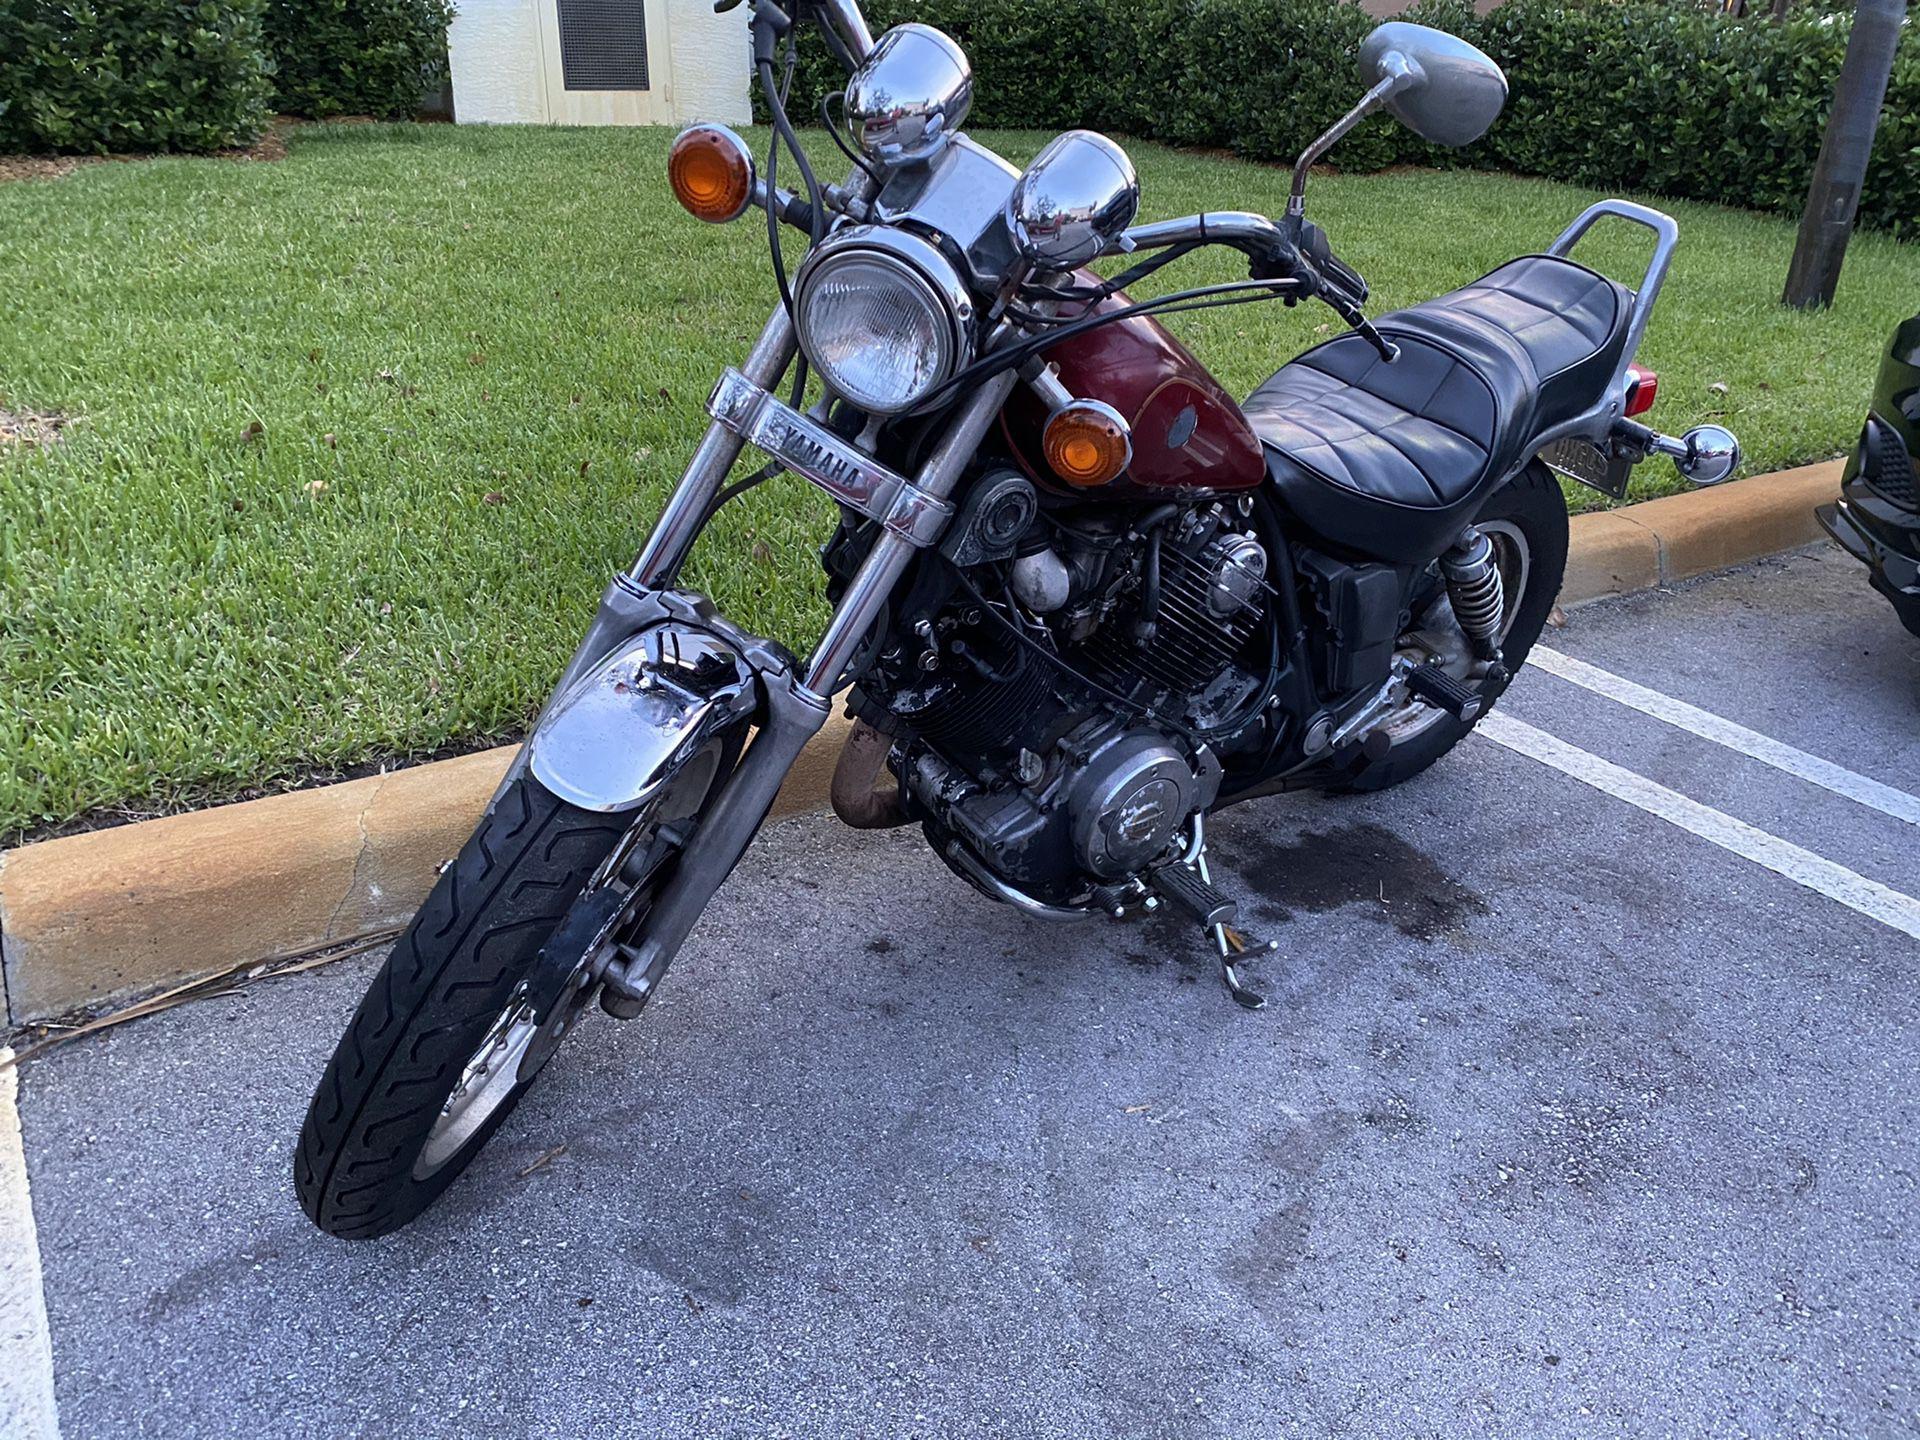 Yamaha Virago XV 700cc